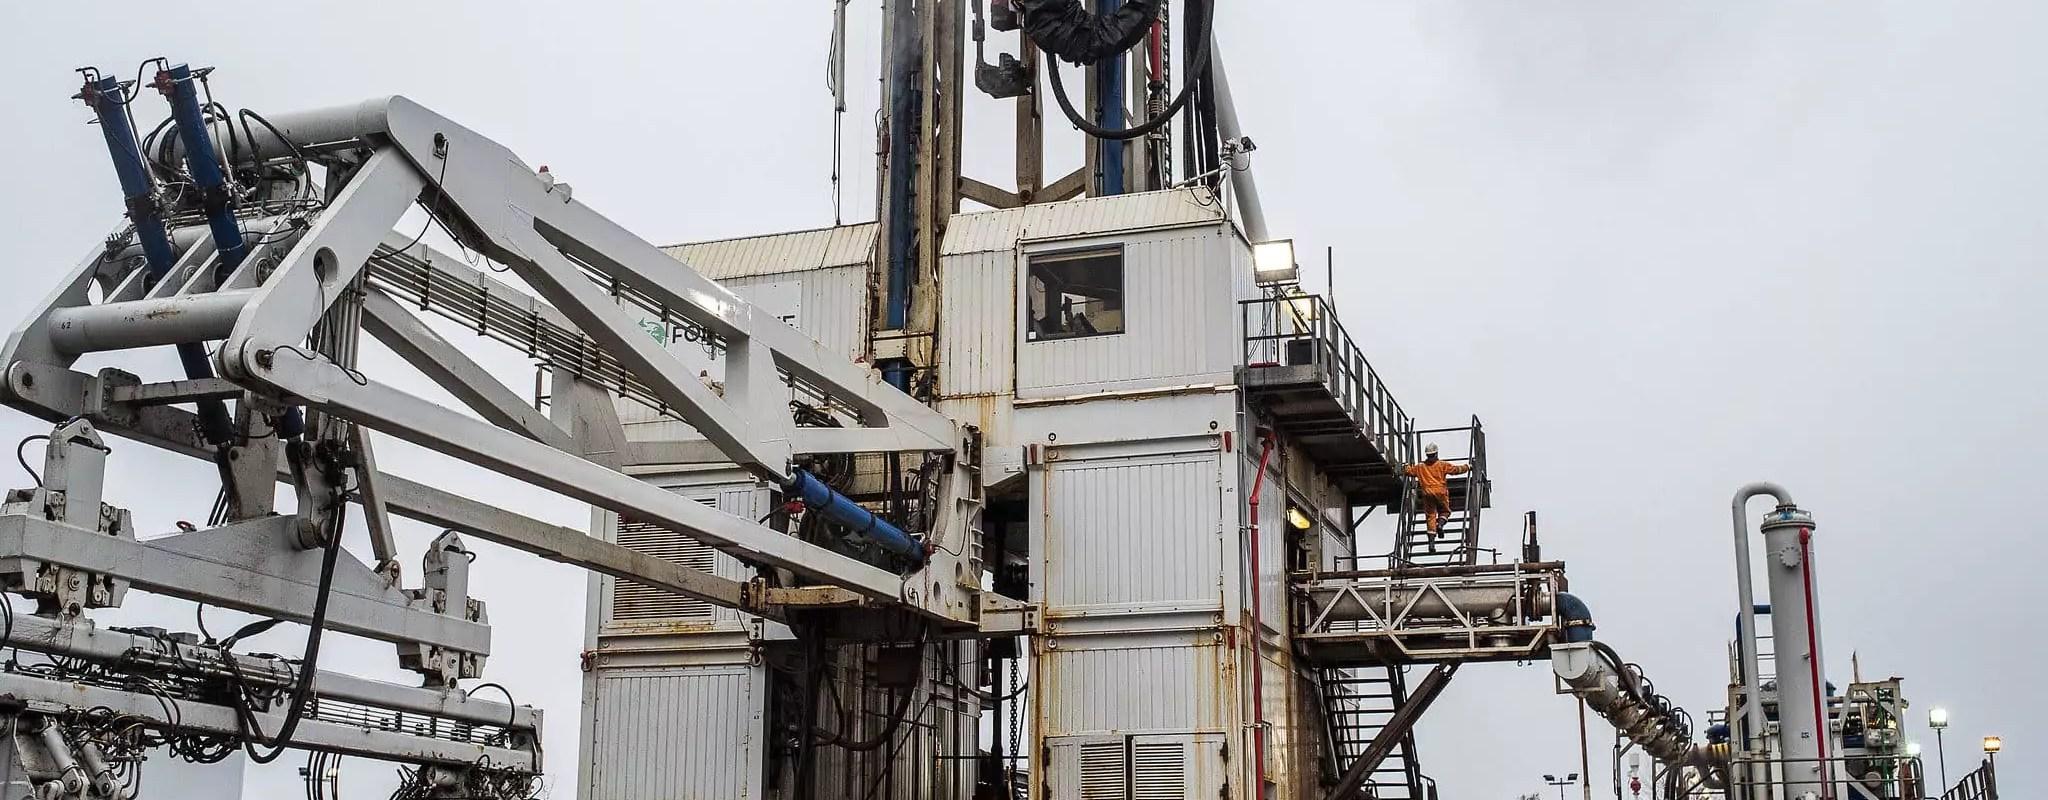 Le puits de géothermie profonde de Vendenheim ne redémarrera pas